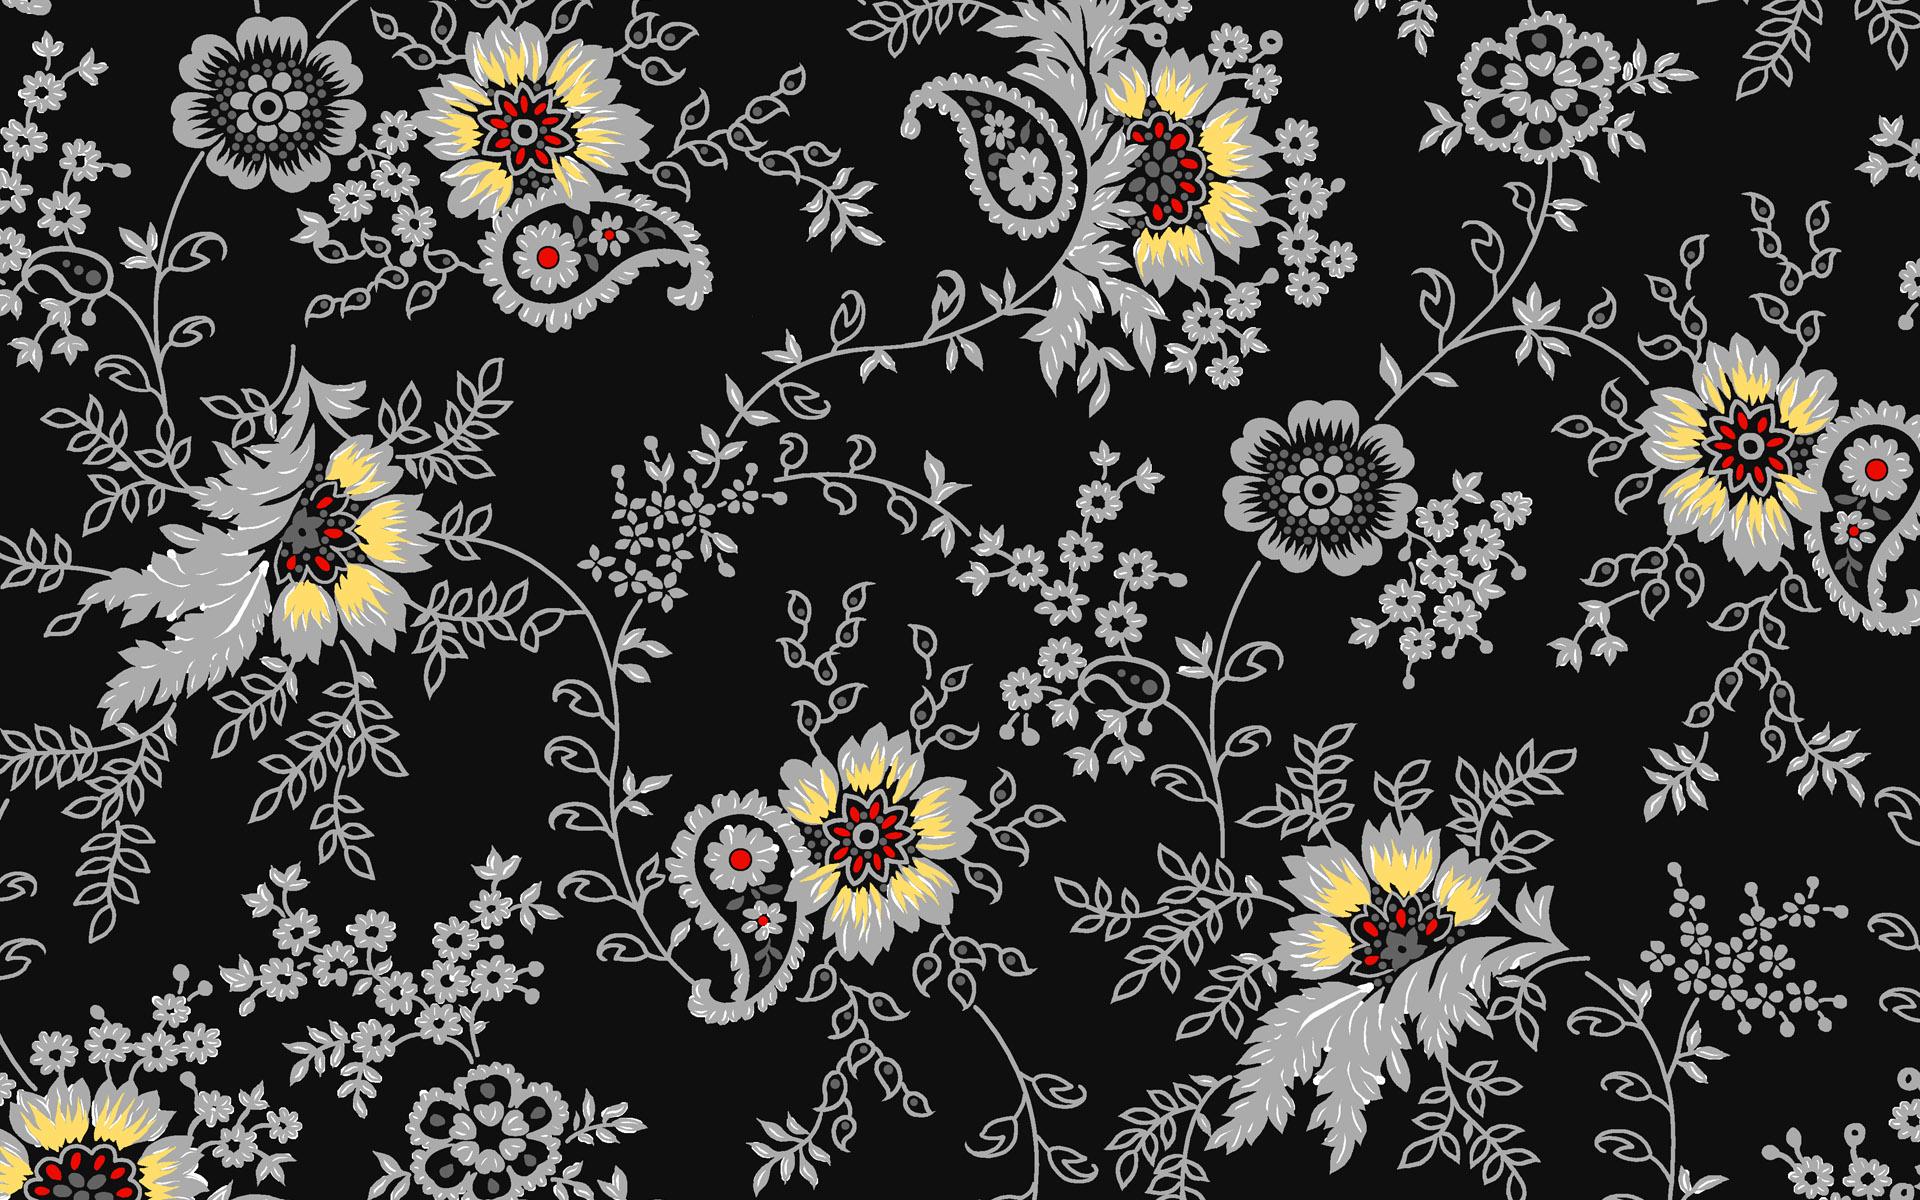 Black Flower Pattern Hd Wallpaper